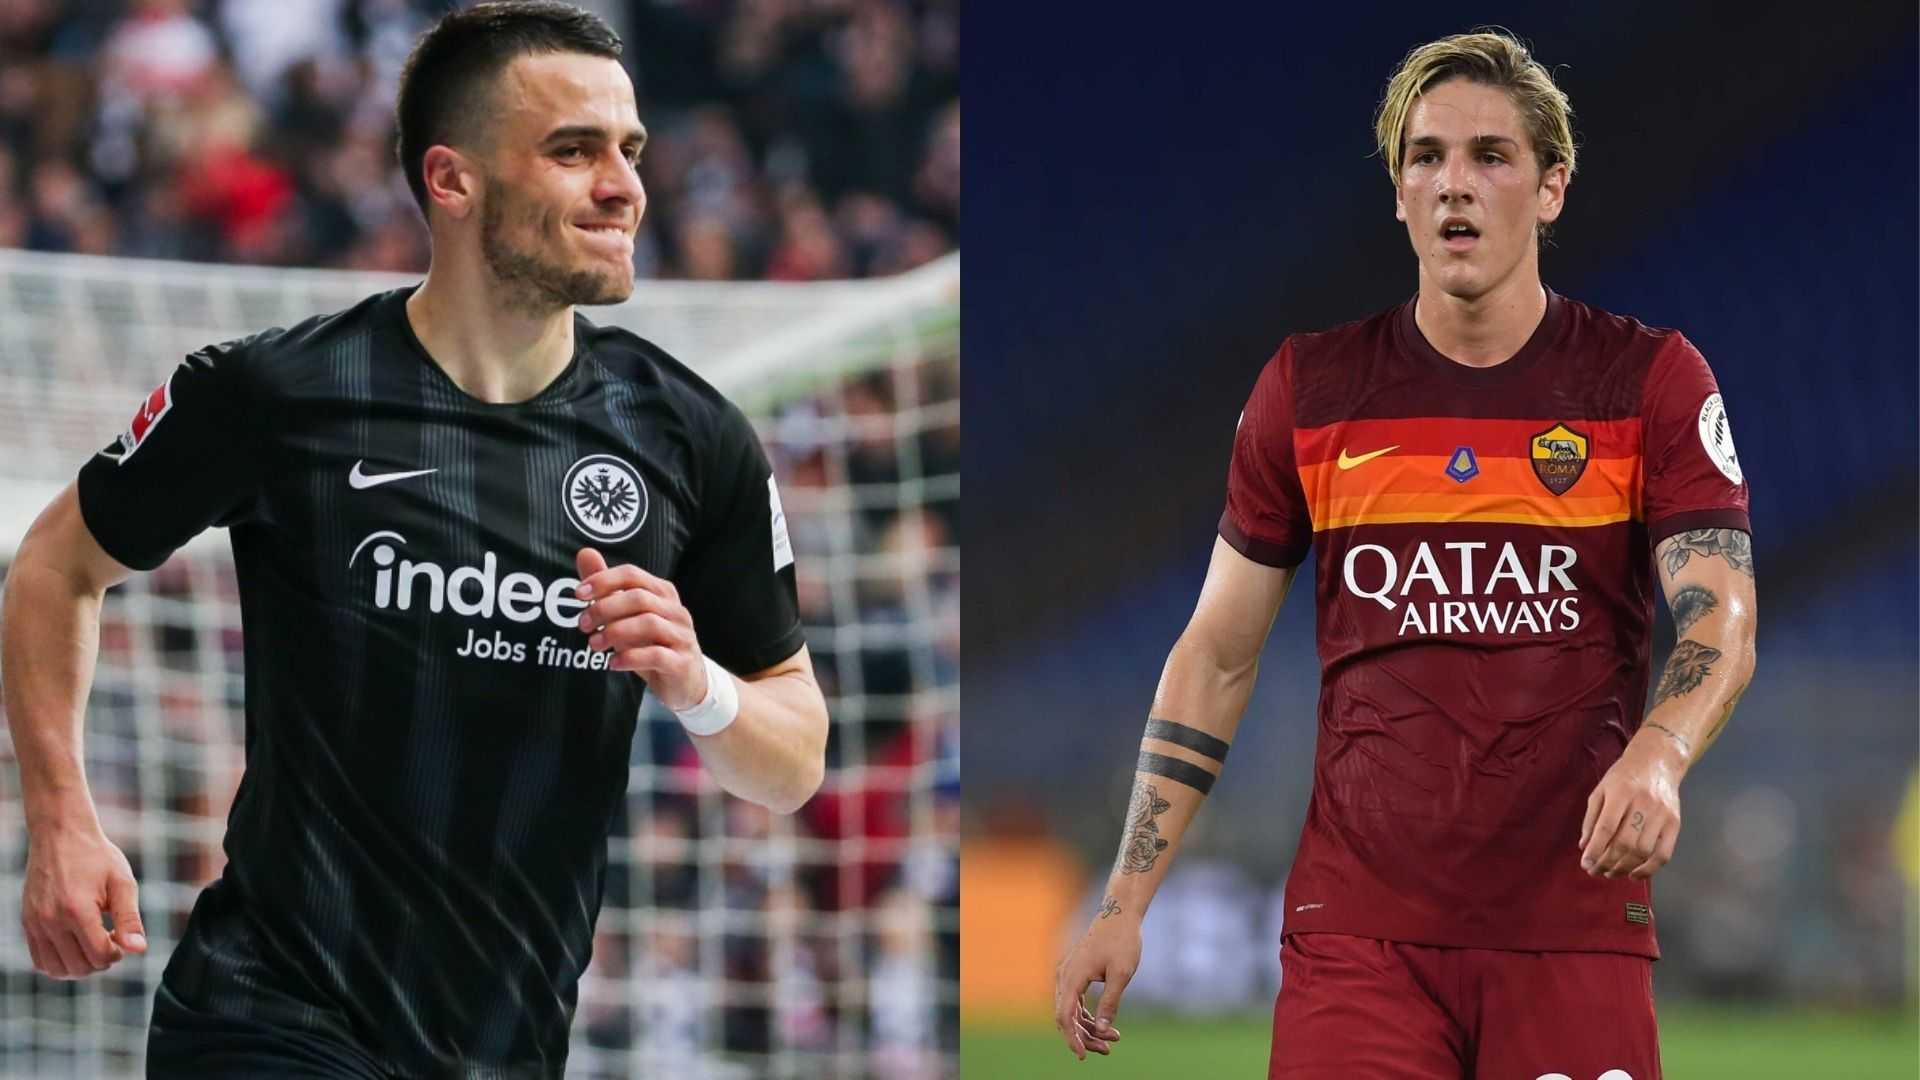 Calciomercato Roma: pronti i colpi Rui Patricio e Xhaka